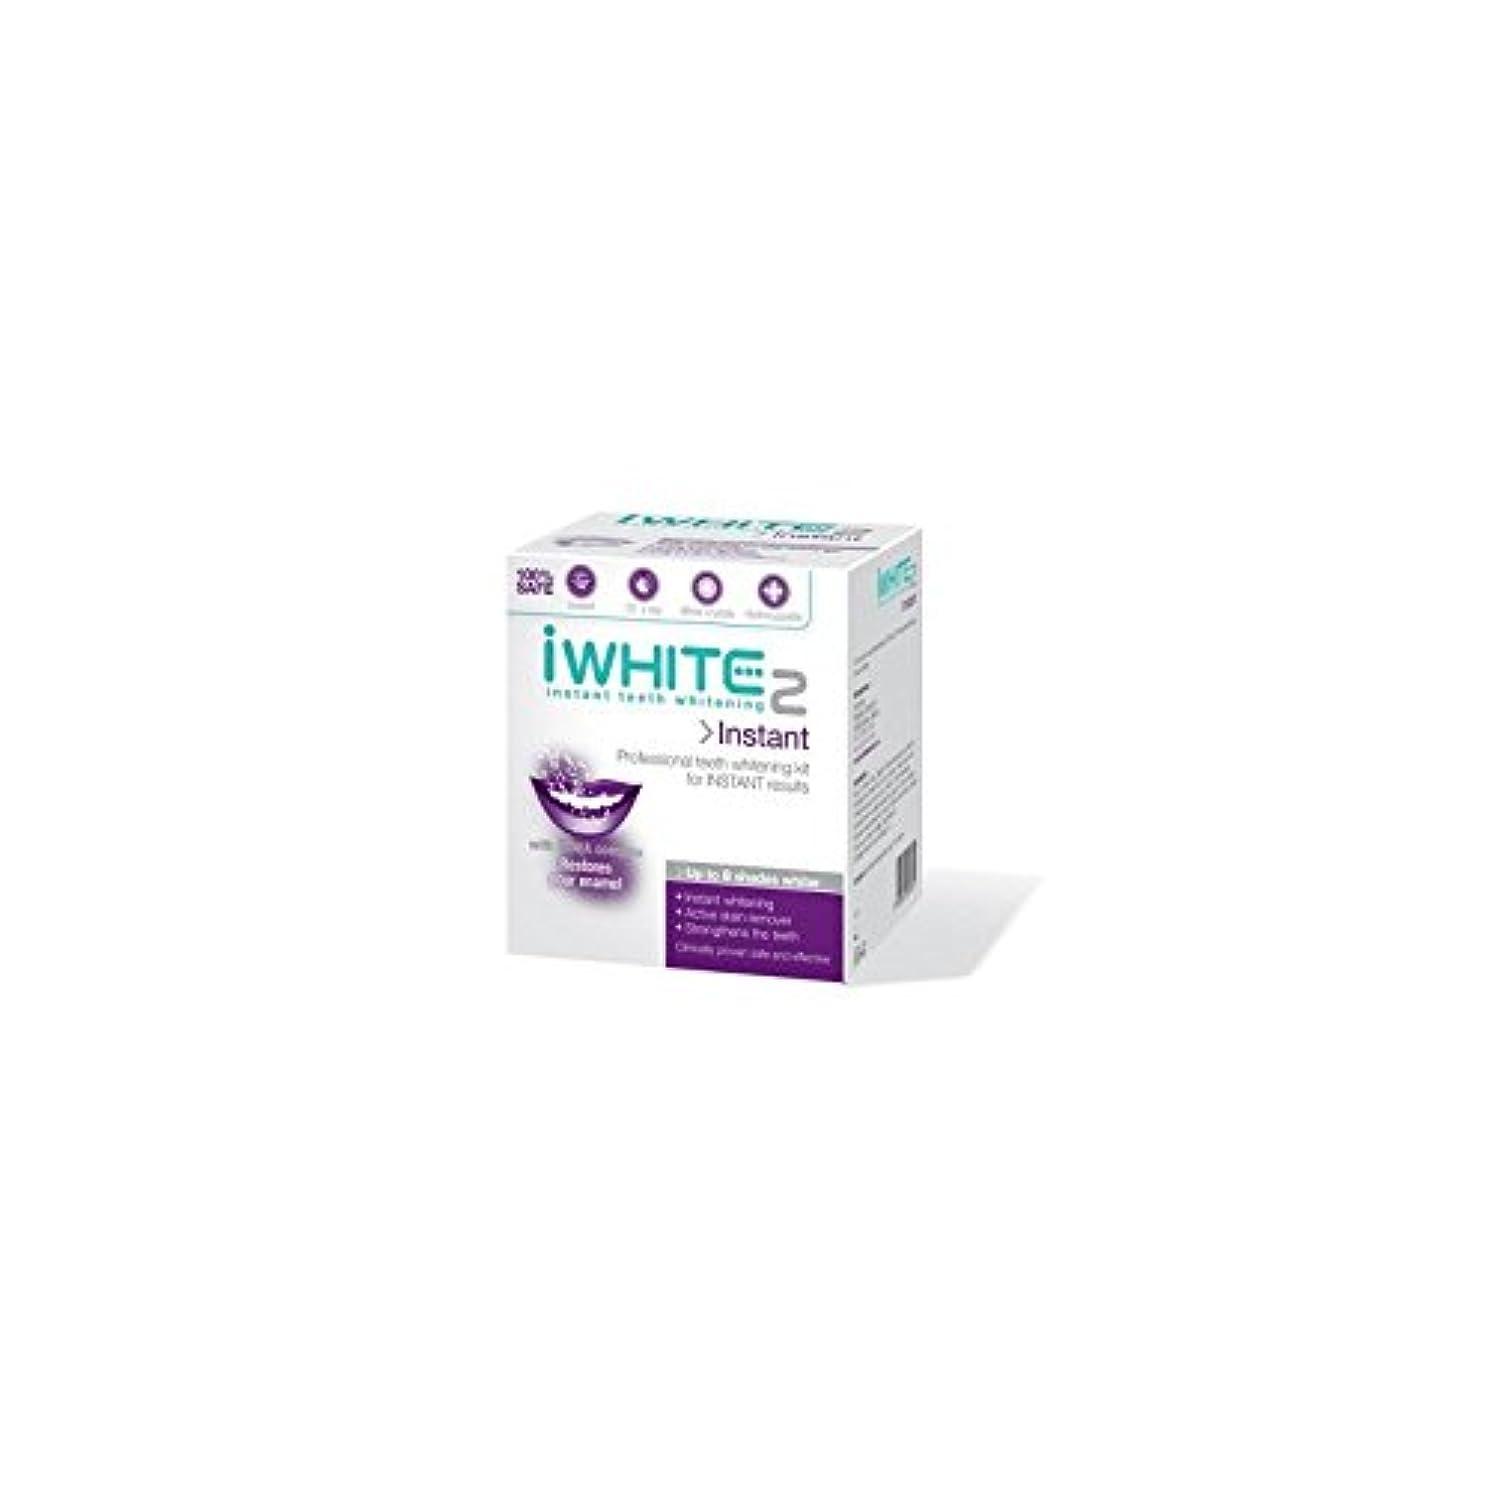 資源を通して半径iWhite Instant 2 Professional Teeth Whitening Kit (10 Trays) (Pack of 6) - インスタントキットを白く2本のプロ歯(10トレイ) x6 [並行輸入品]